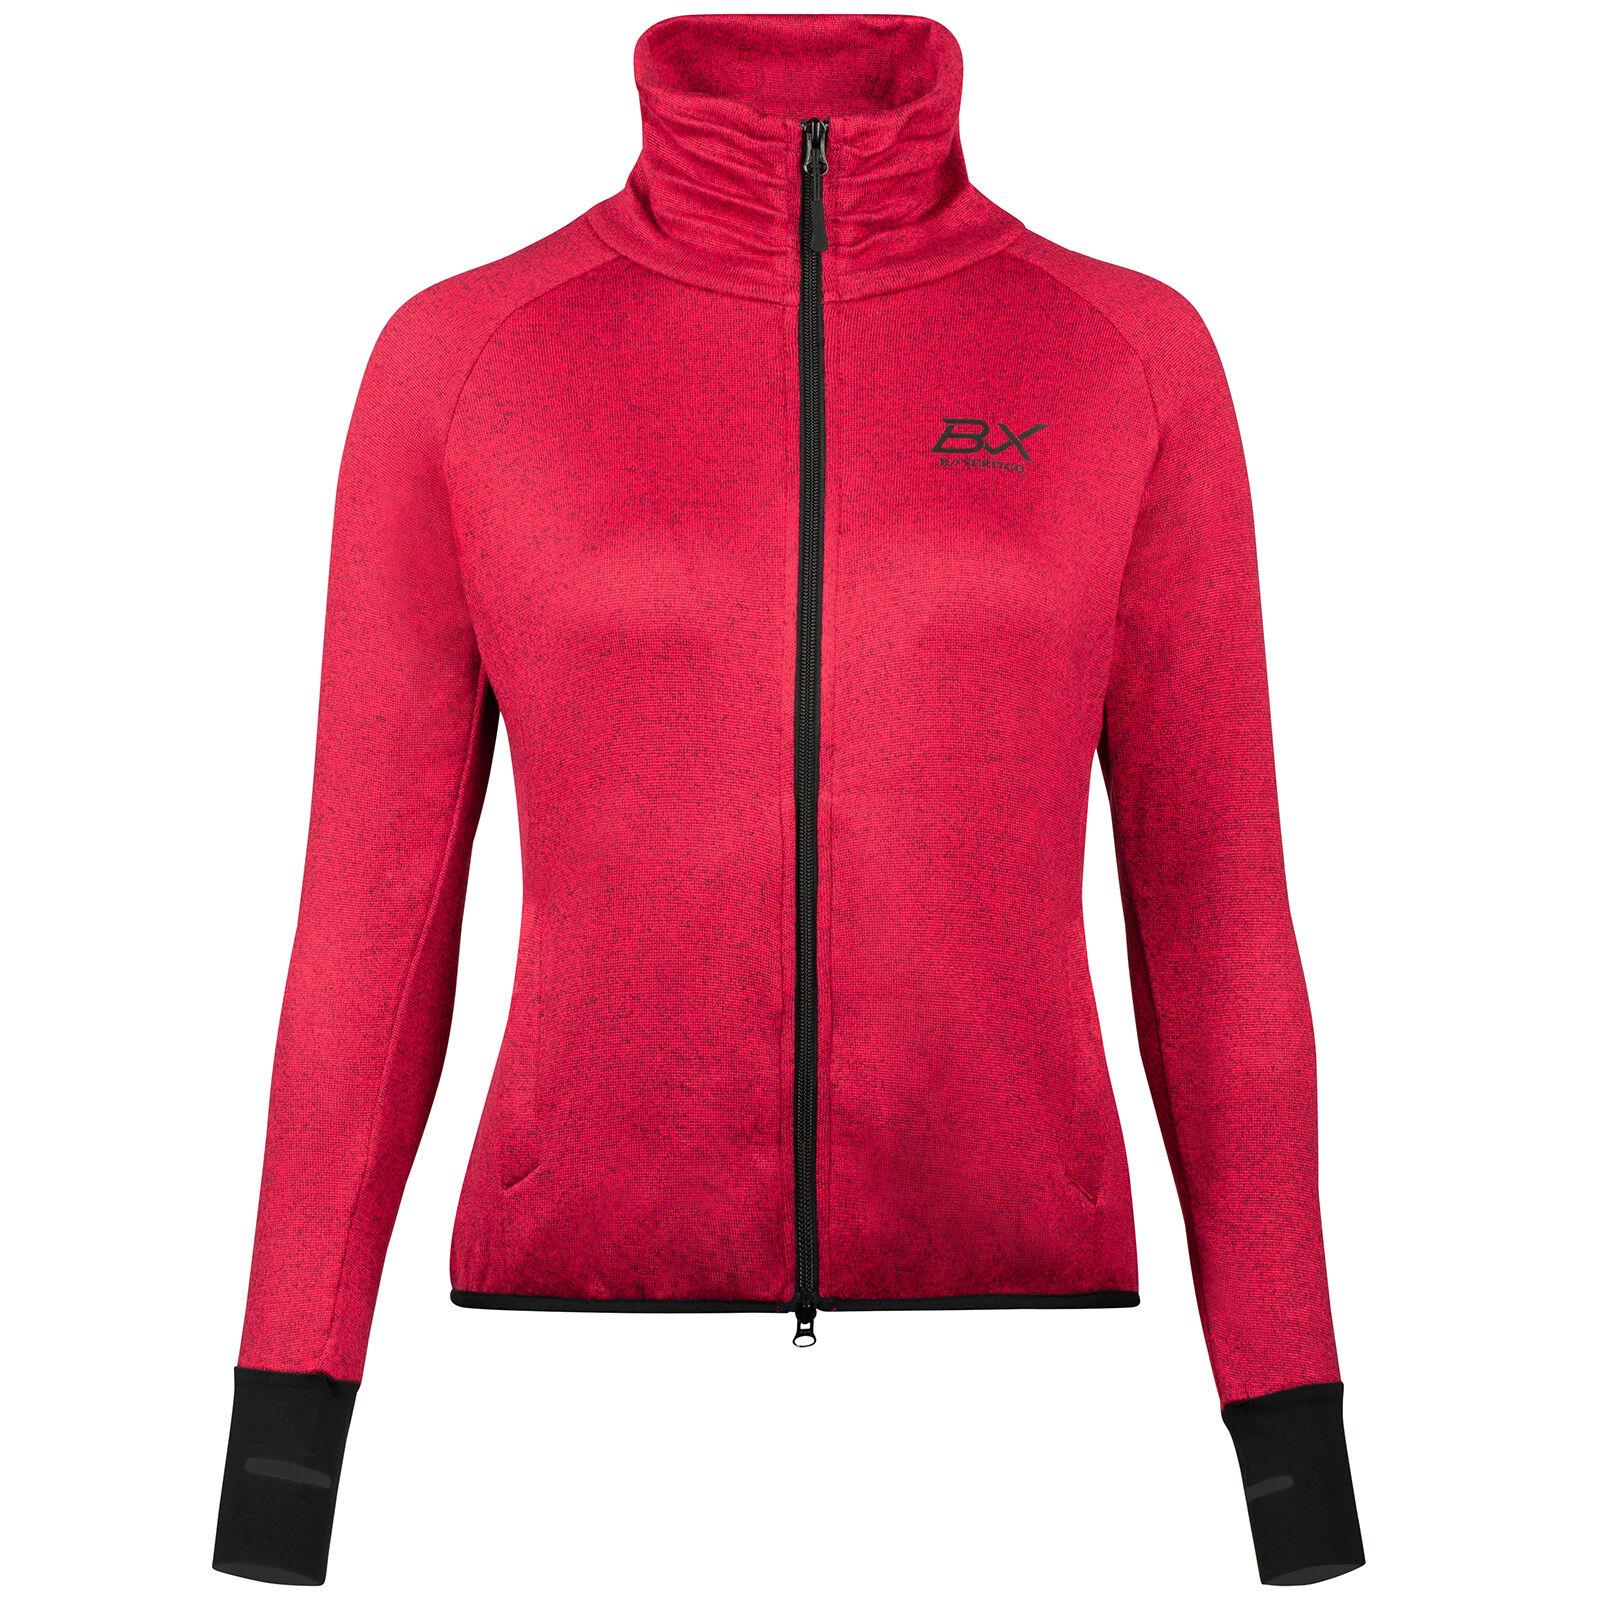 Köp Vinter ridkläder online   Horze